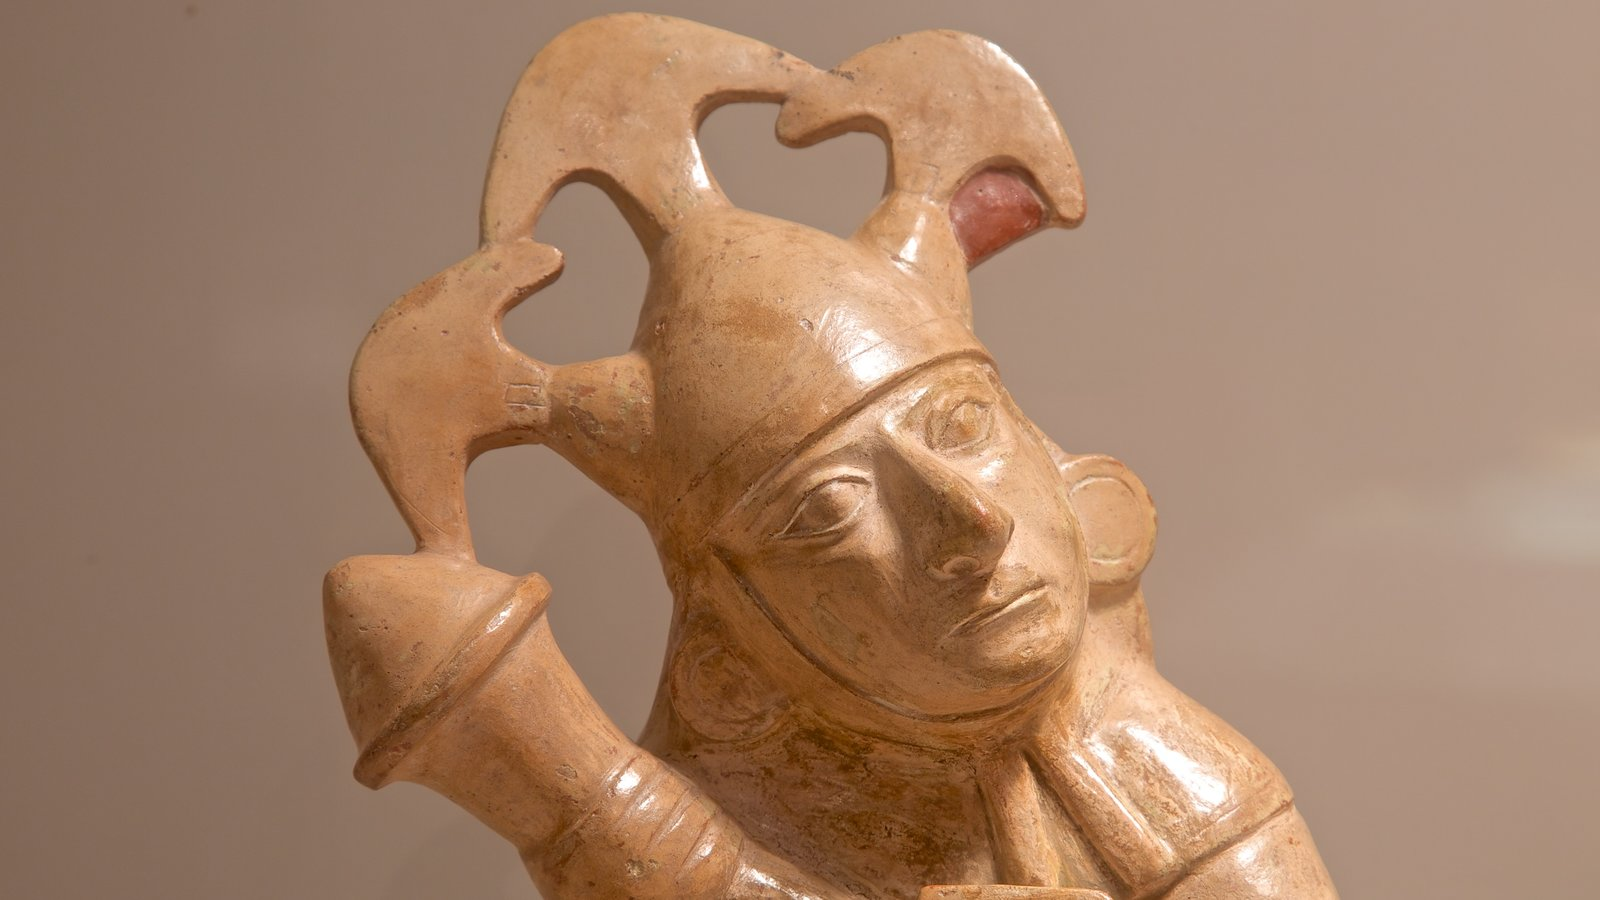 Museu do Larco que inclui vistas internas e uma estátua ou escultura